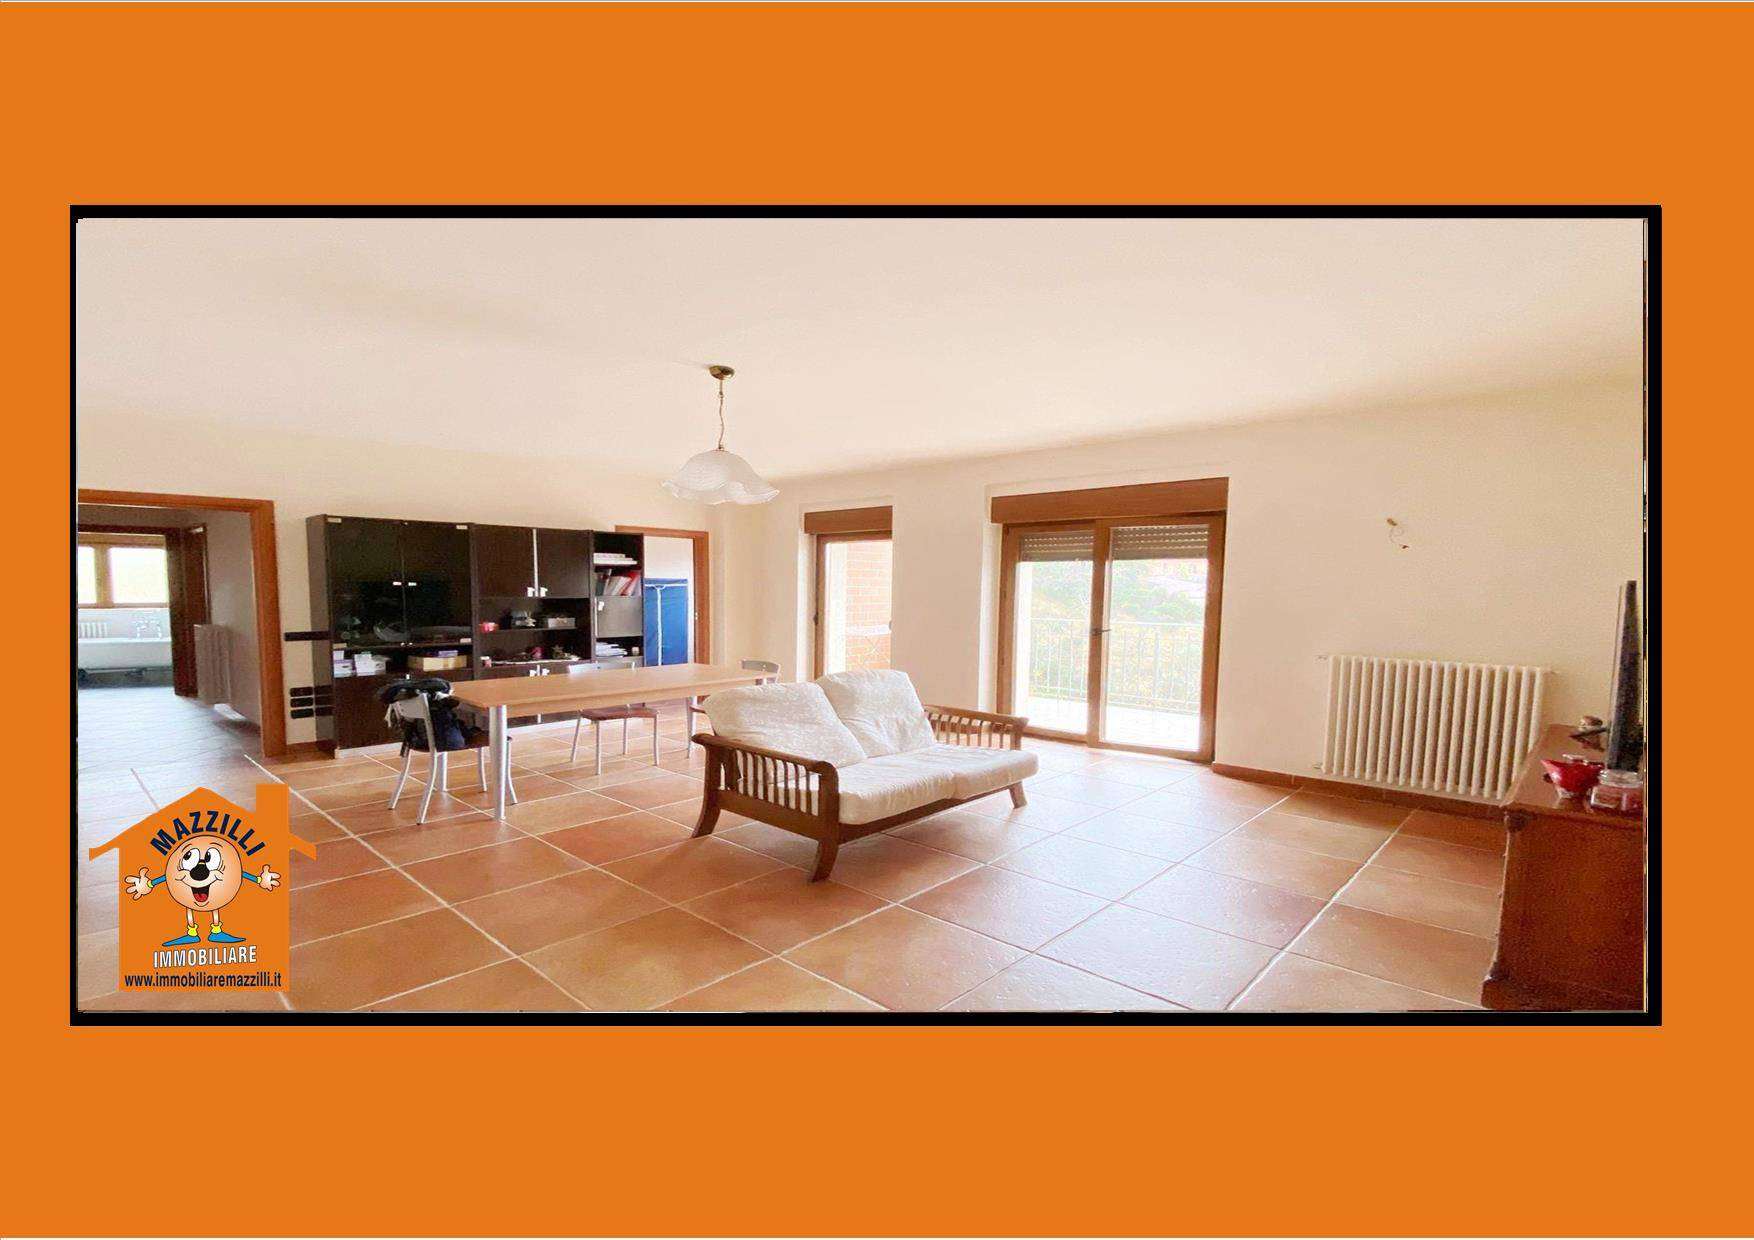 Appartamento in vendita a Potenza, 4 locali, prezzo € 188.000 | CambioCasa.it